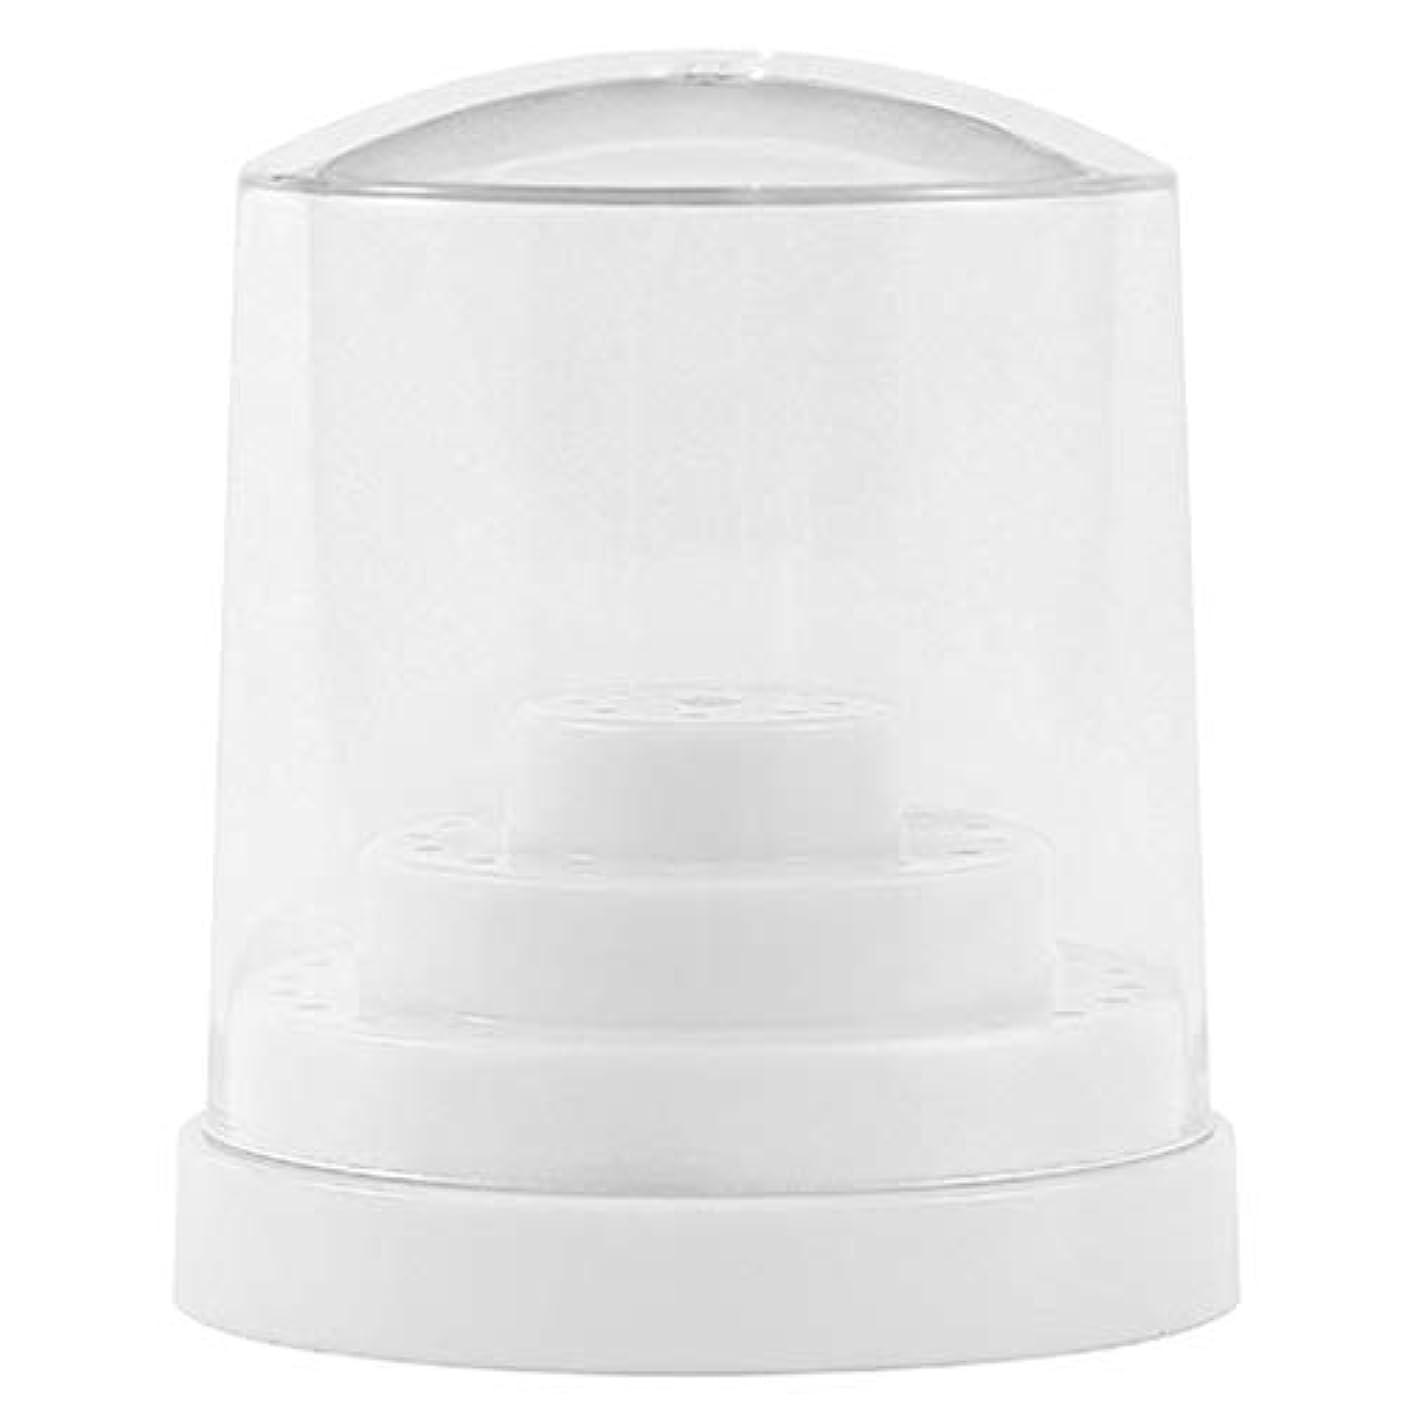 信頼性ダンス圧縮する三層48穴 ネイルドリルビットホルダー アクリル製 ネイルマシーン用ビットスタンド 防塵 全2色 - ホワイト